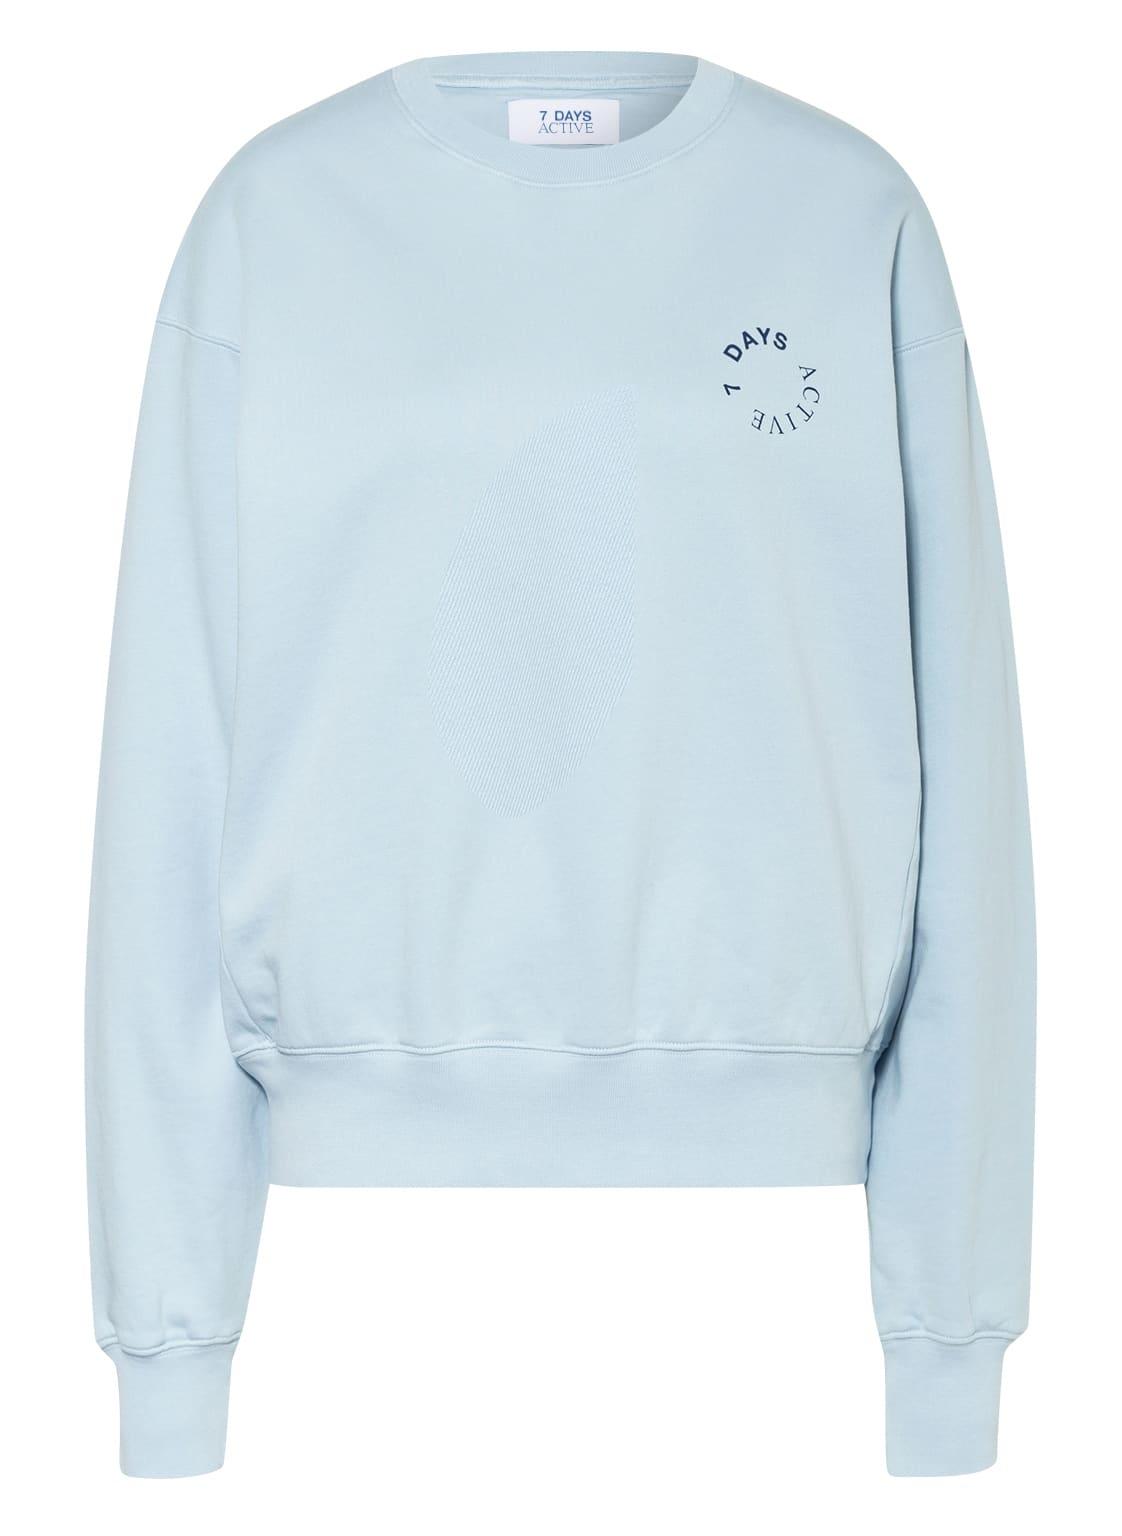 Image of 7 Days Active Sweatshirt blau